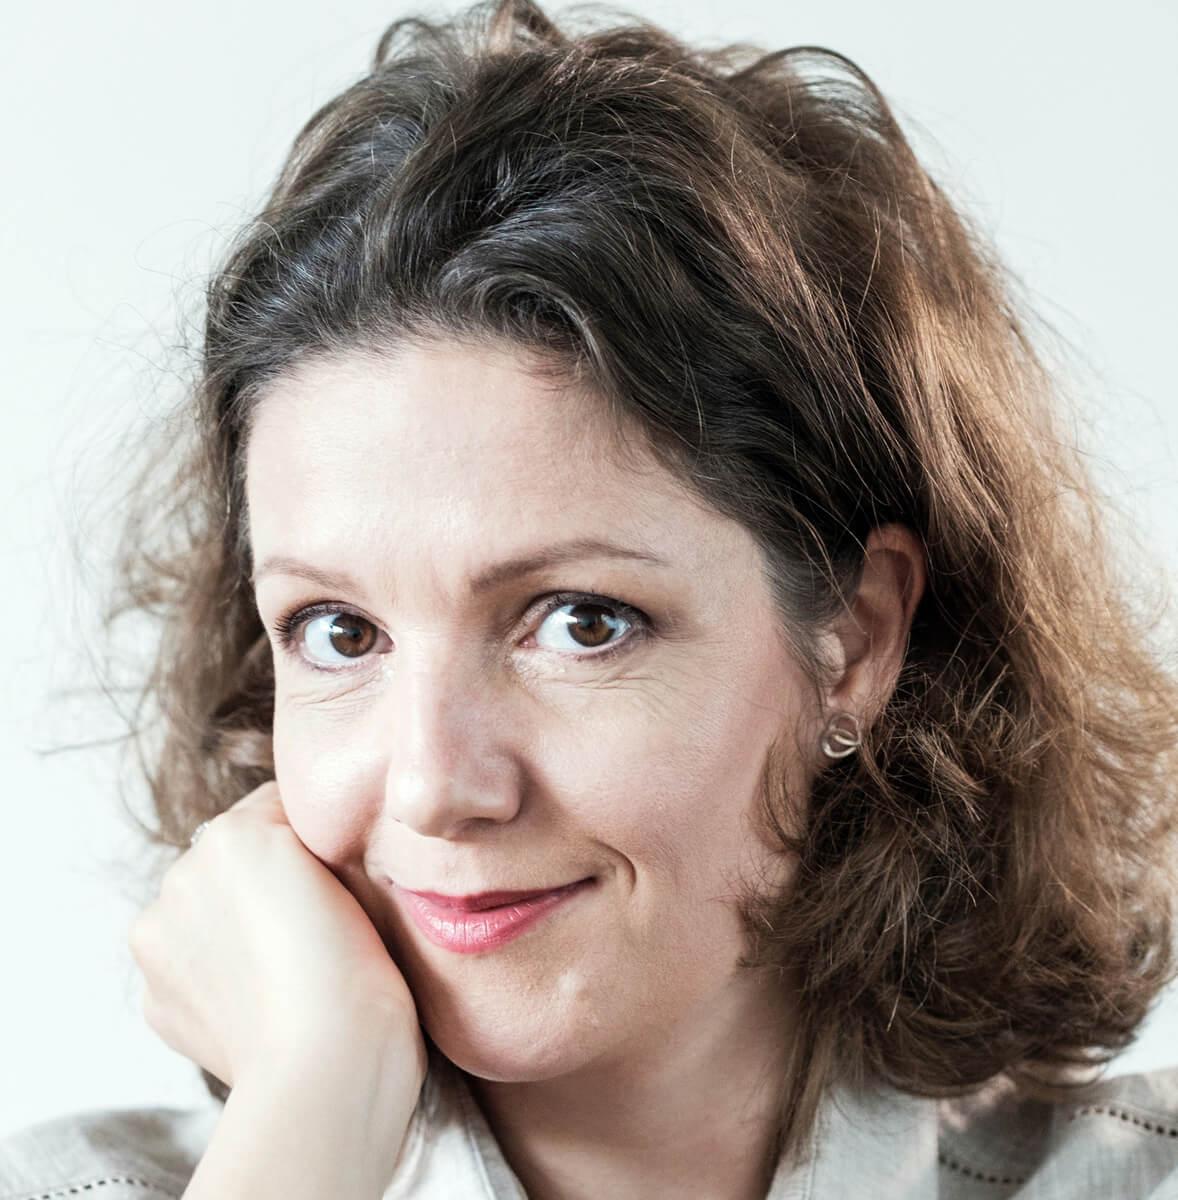 Tinneke Beeckman